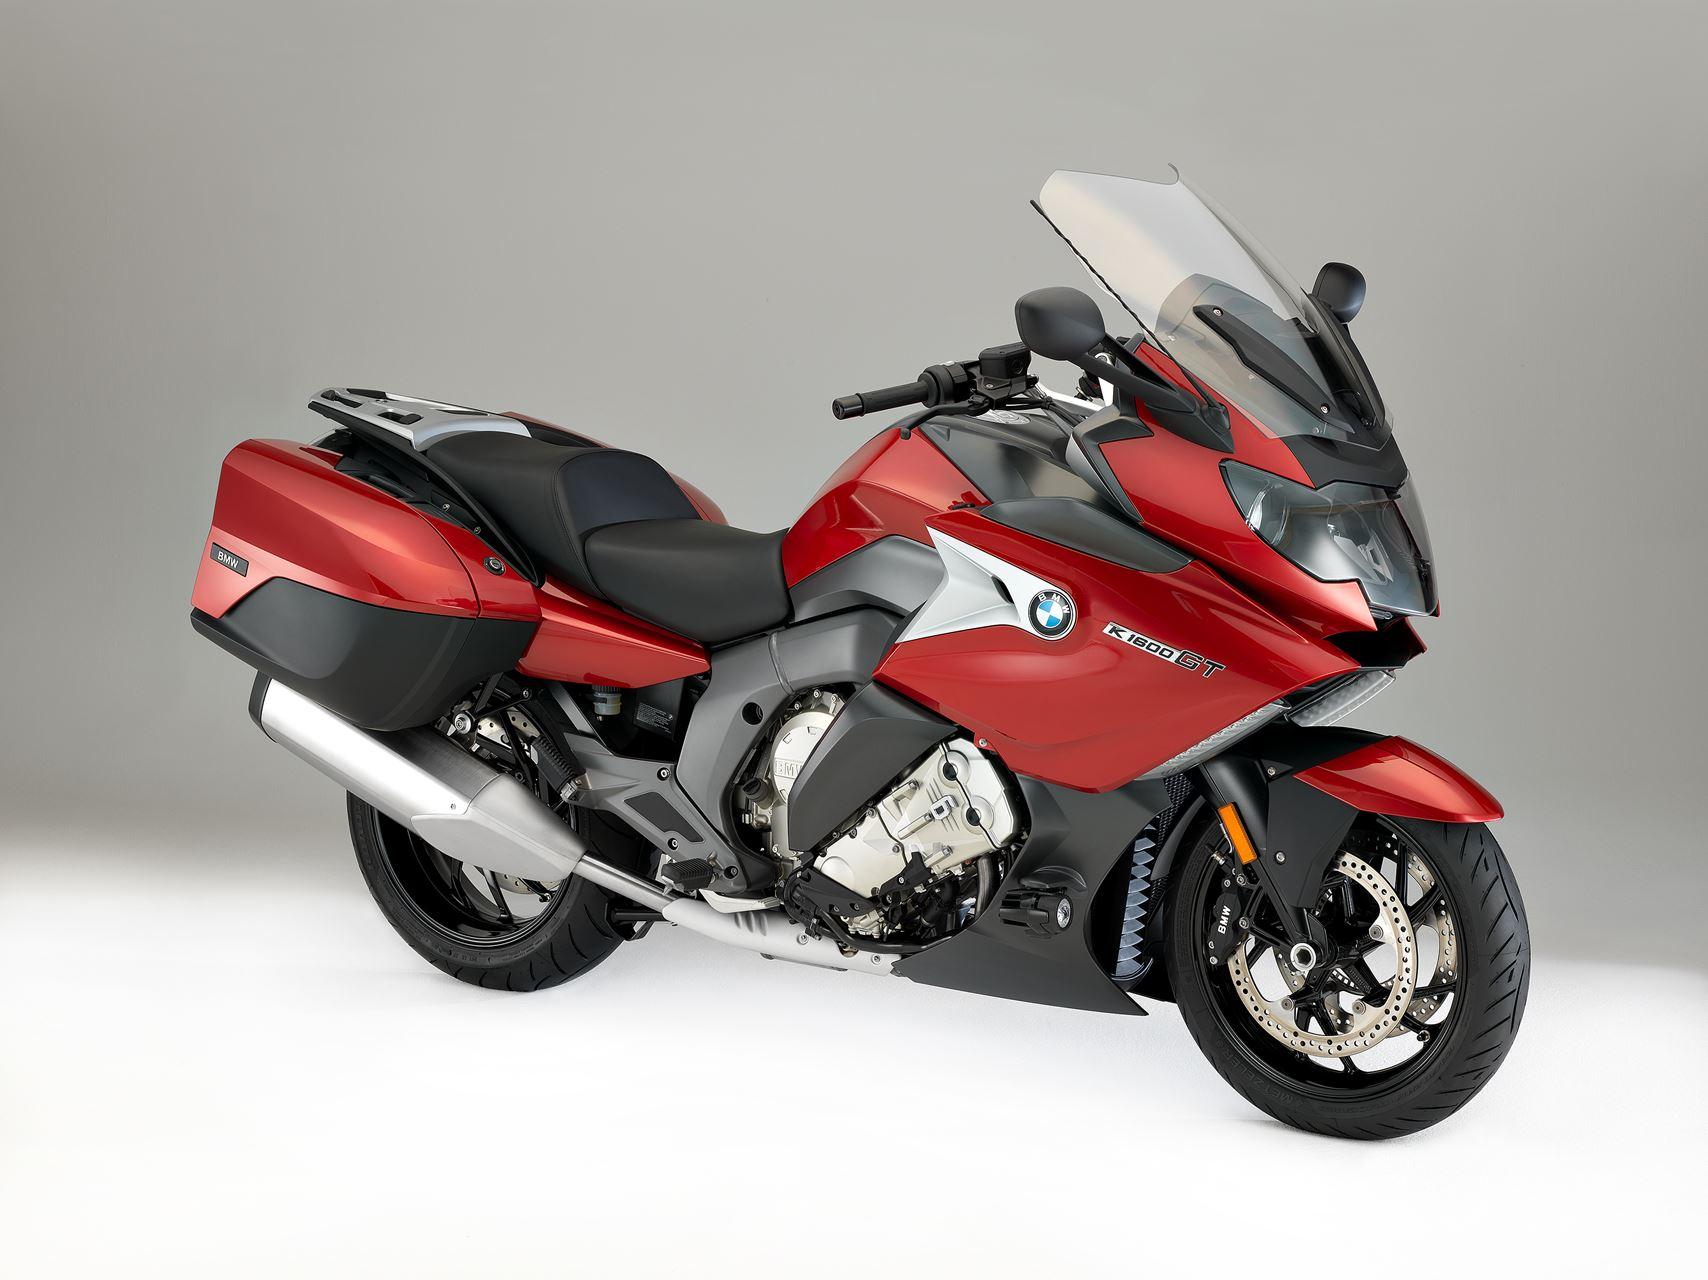 bmw k 1600 gt moto tour andar de moto. Black Bedroom Furniture Sets. Home Design Ideas